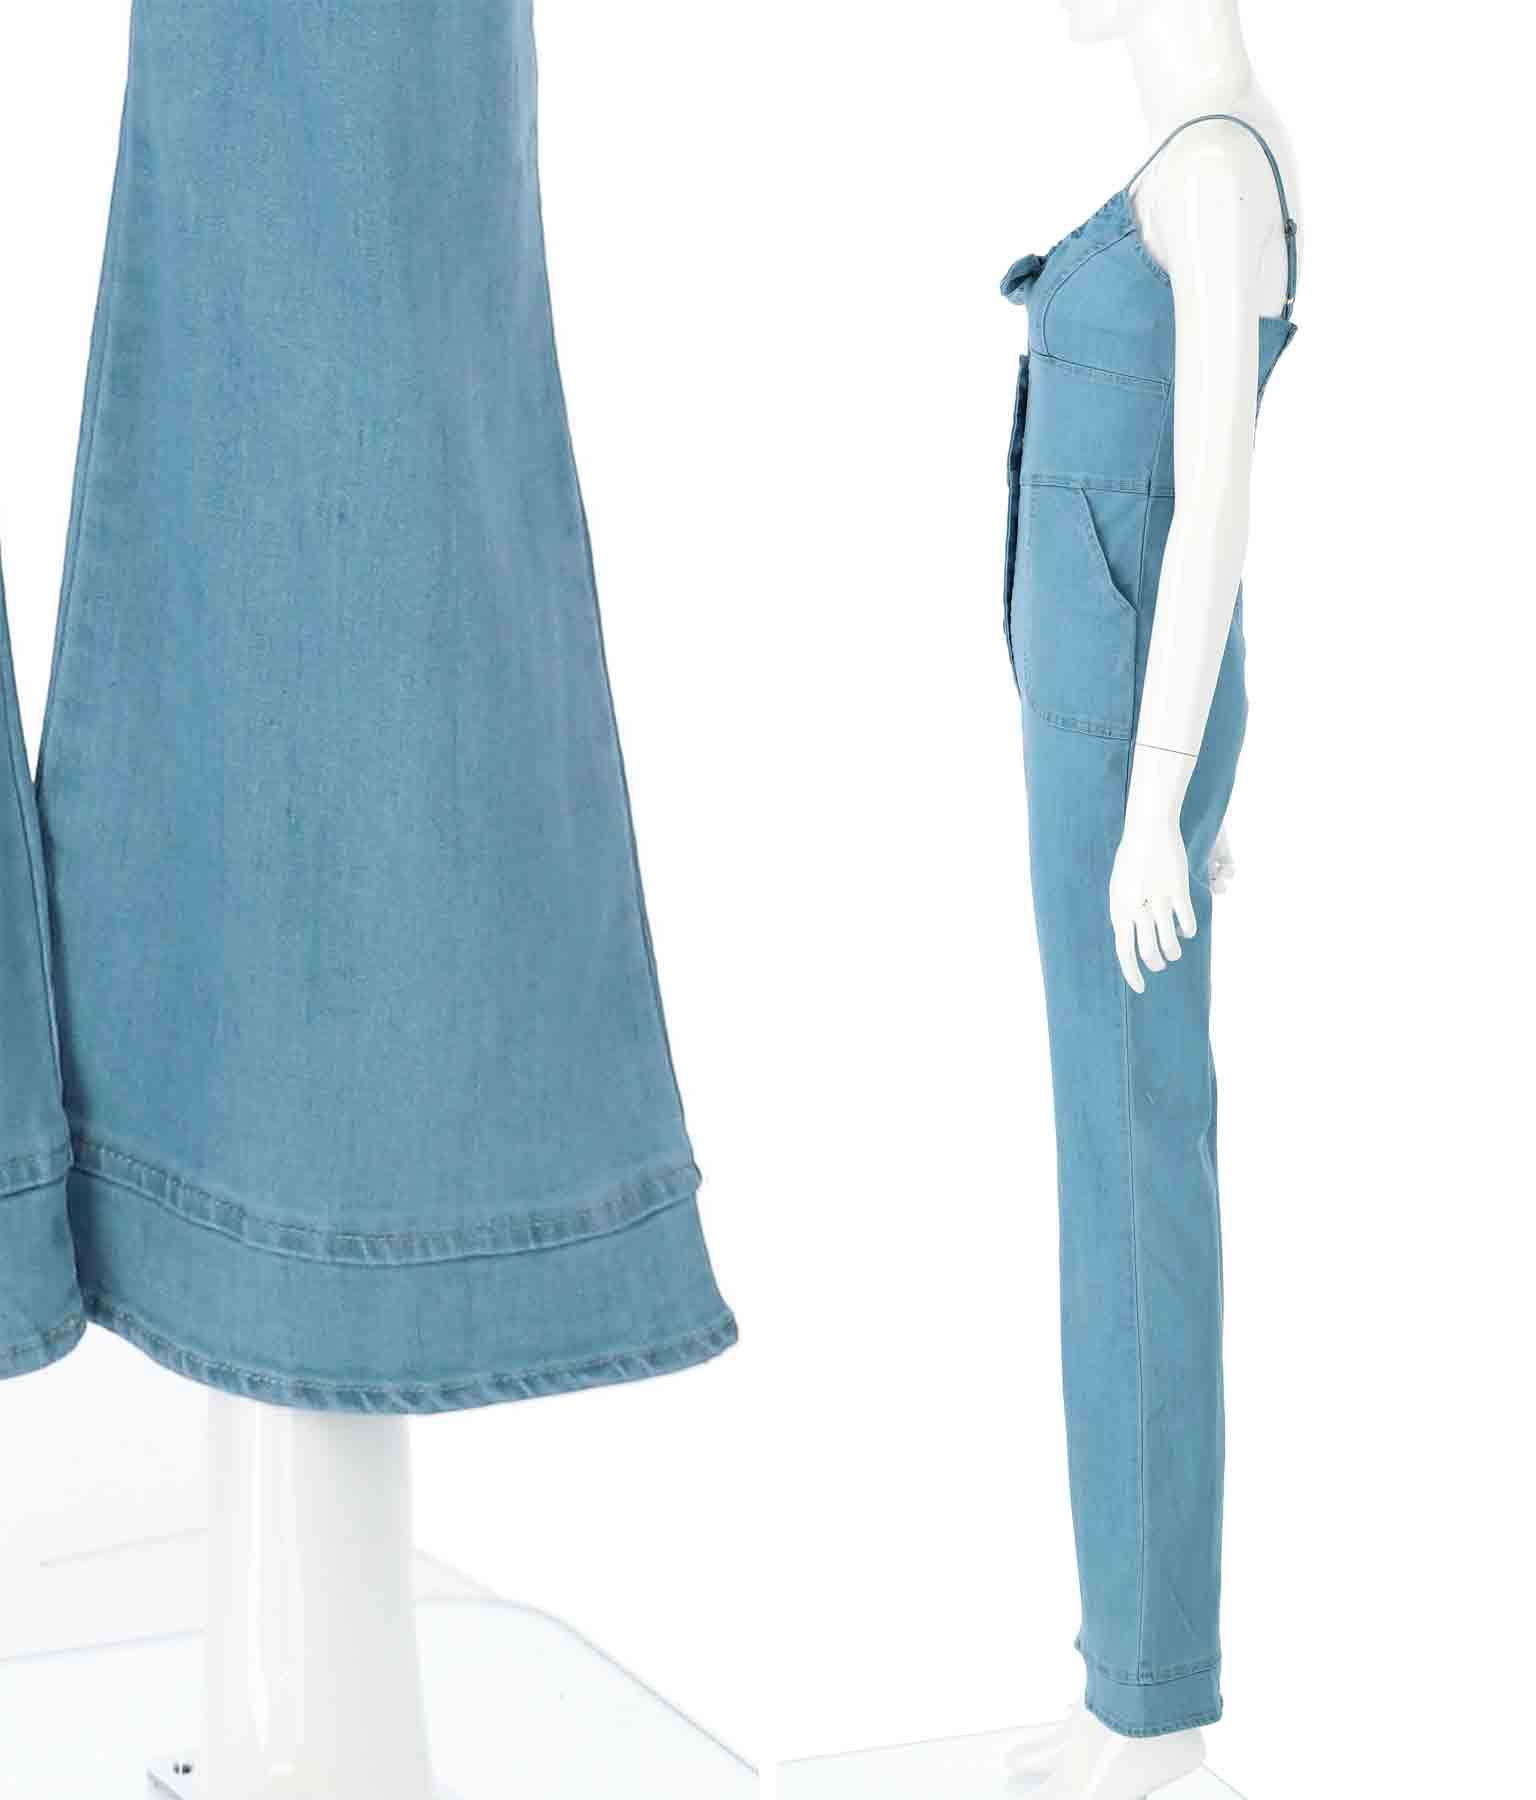 フロントリボンフレアパンツデニムオールインワン(ワンピース・ドレス/サロペット/オールインワン) | Anap USA